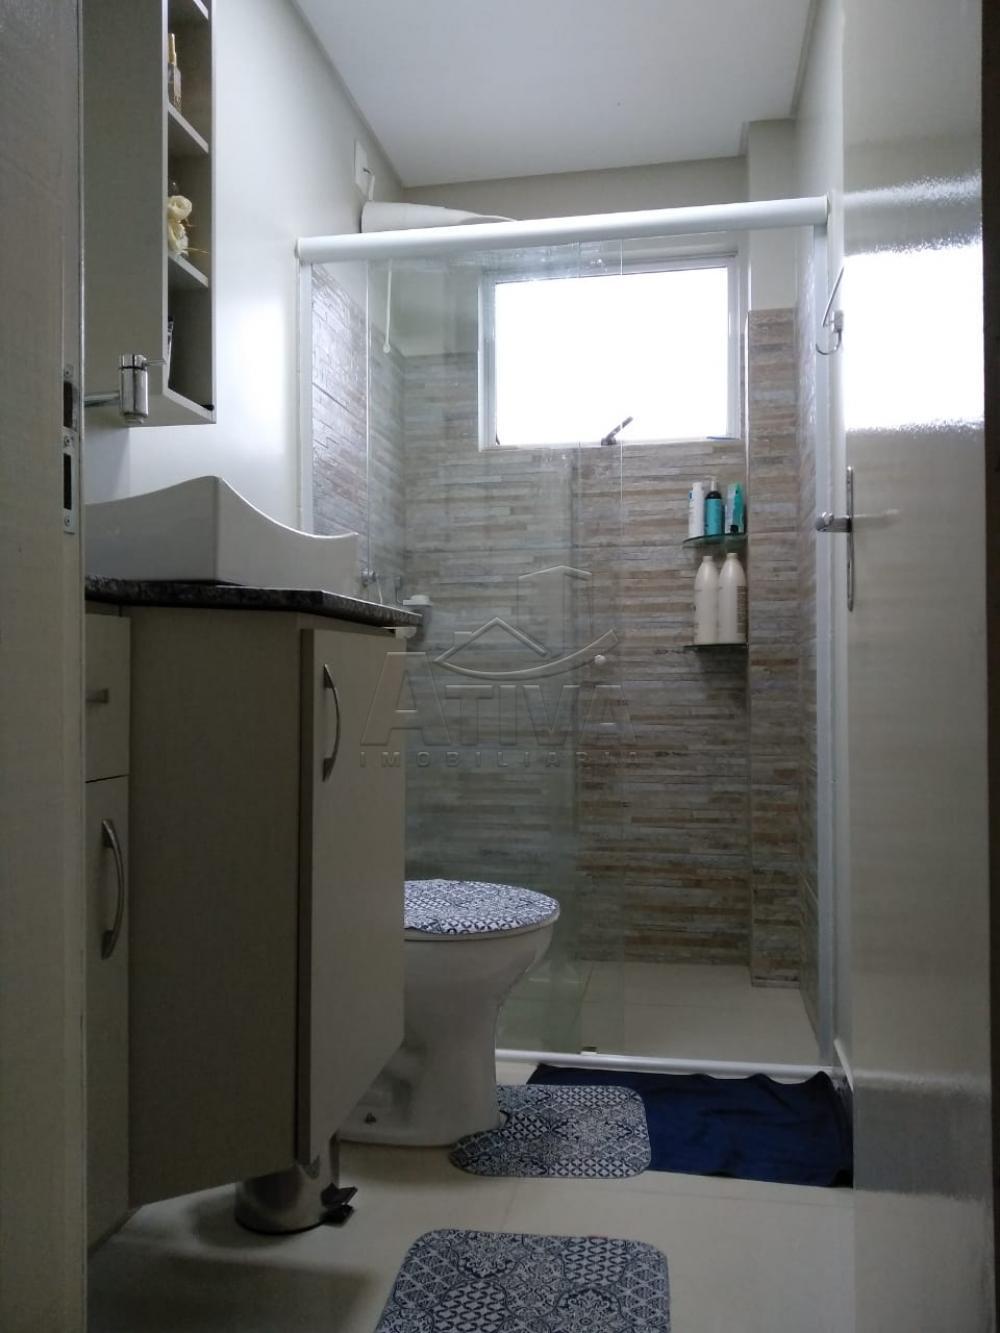 Comprar Apartamento / Padrão em Toledo apenas R$ 190.000,00 - Foto 13